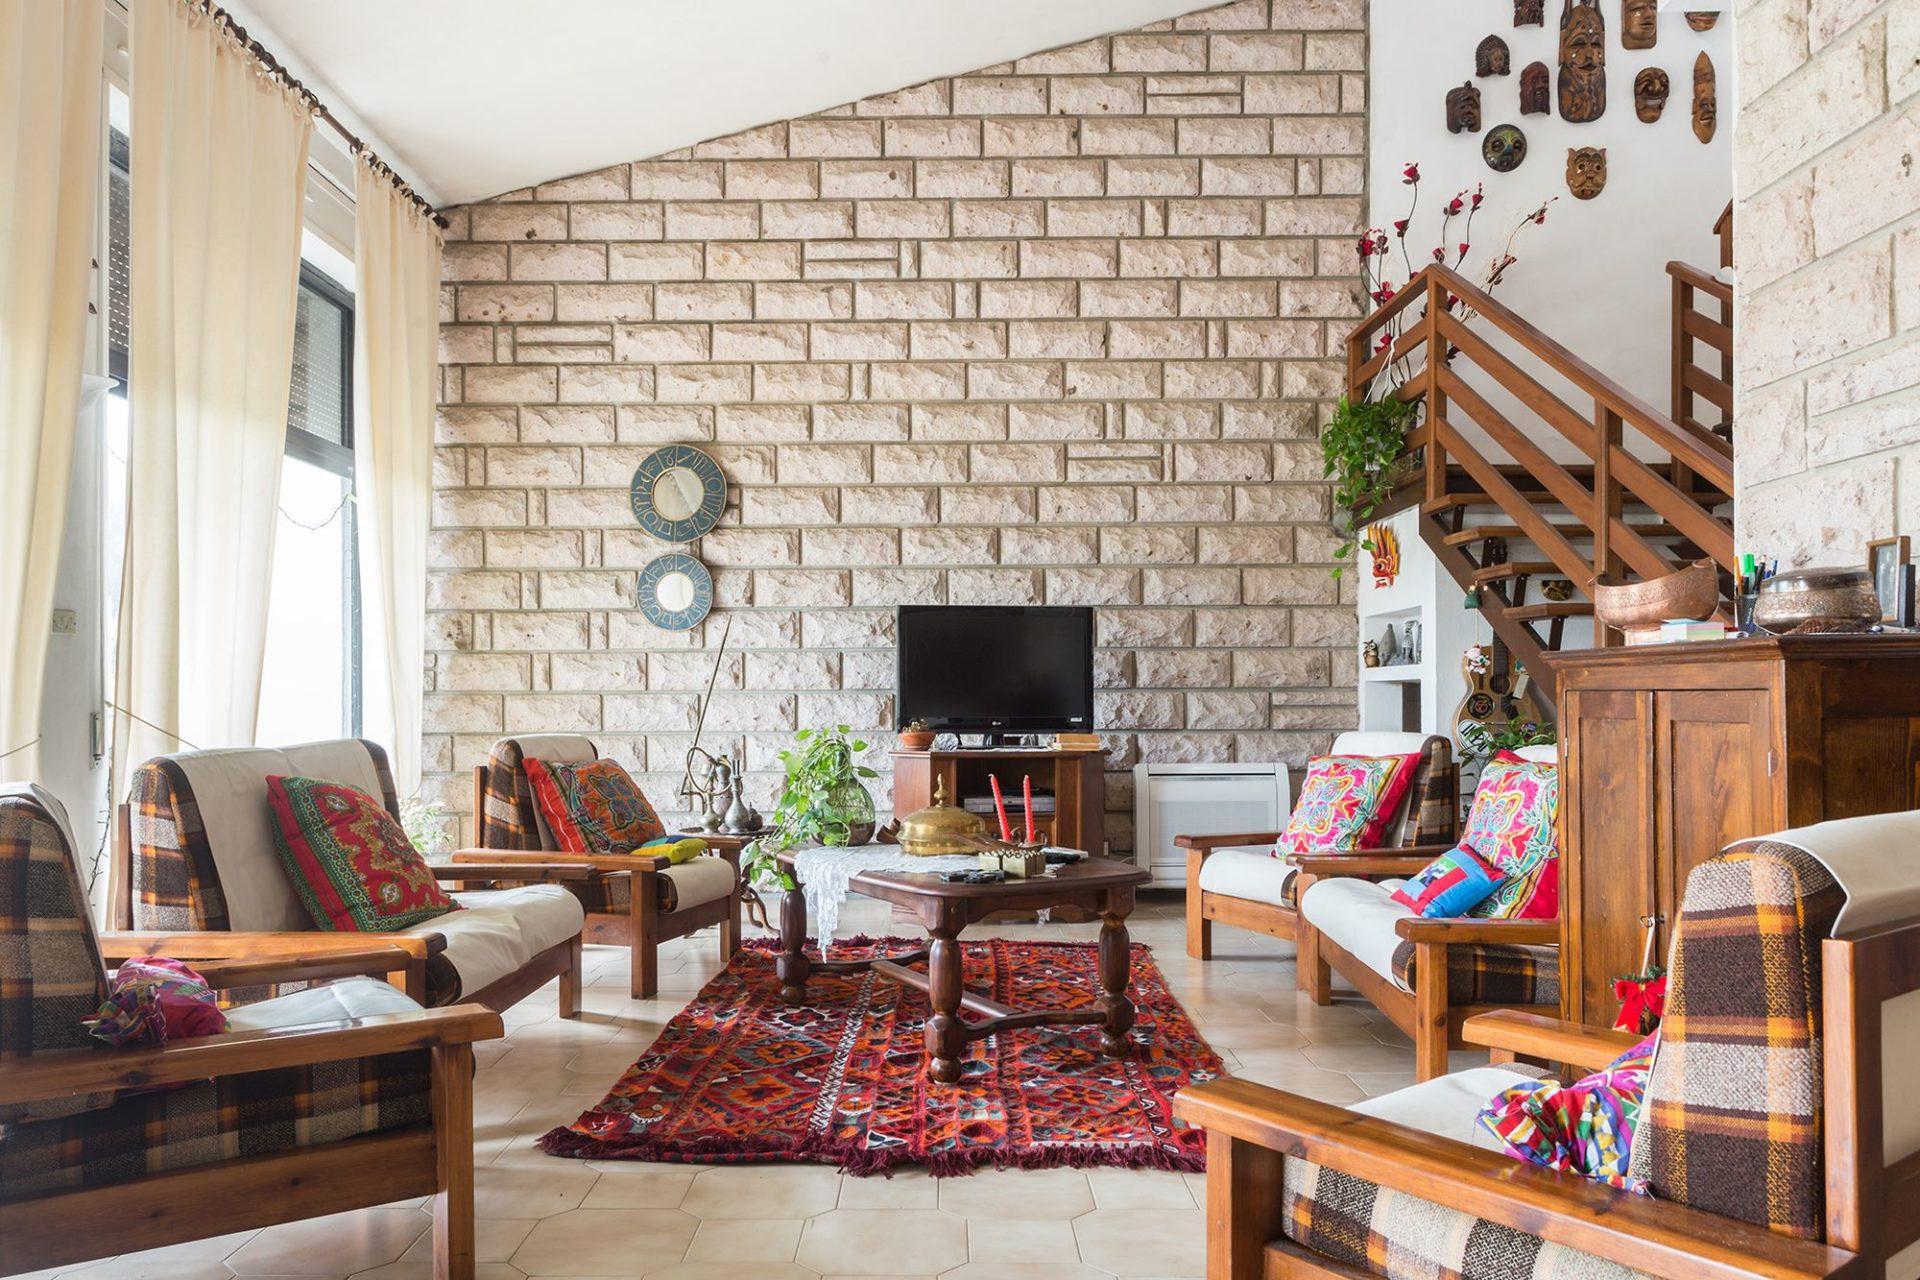 fotografia di interni in sardegna, salotto fotografato per Airbnb a Bosa